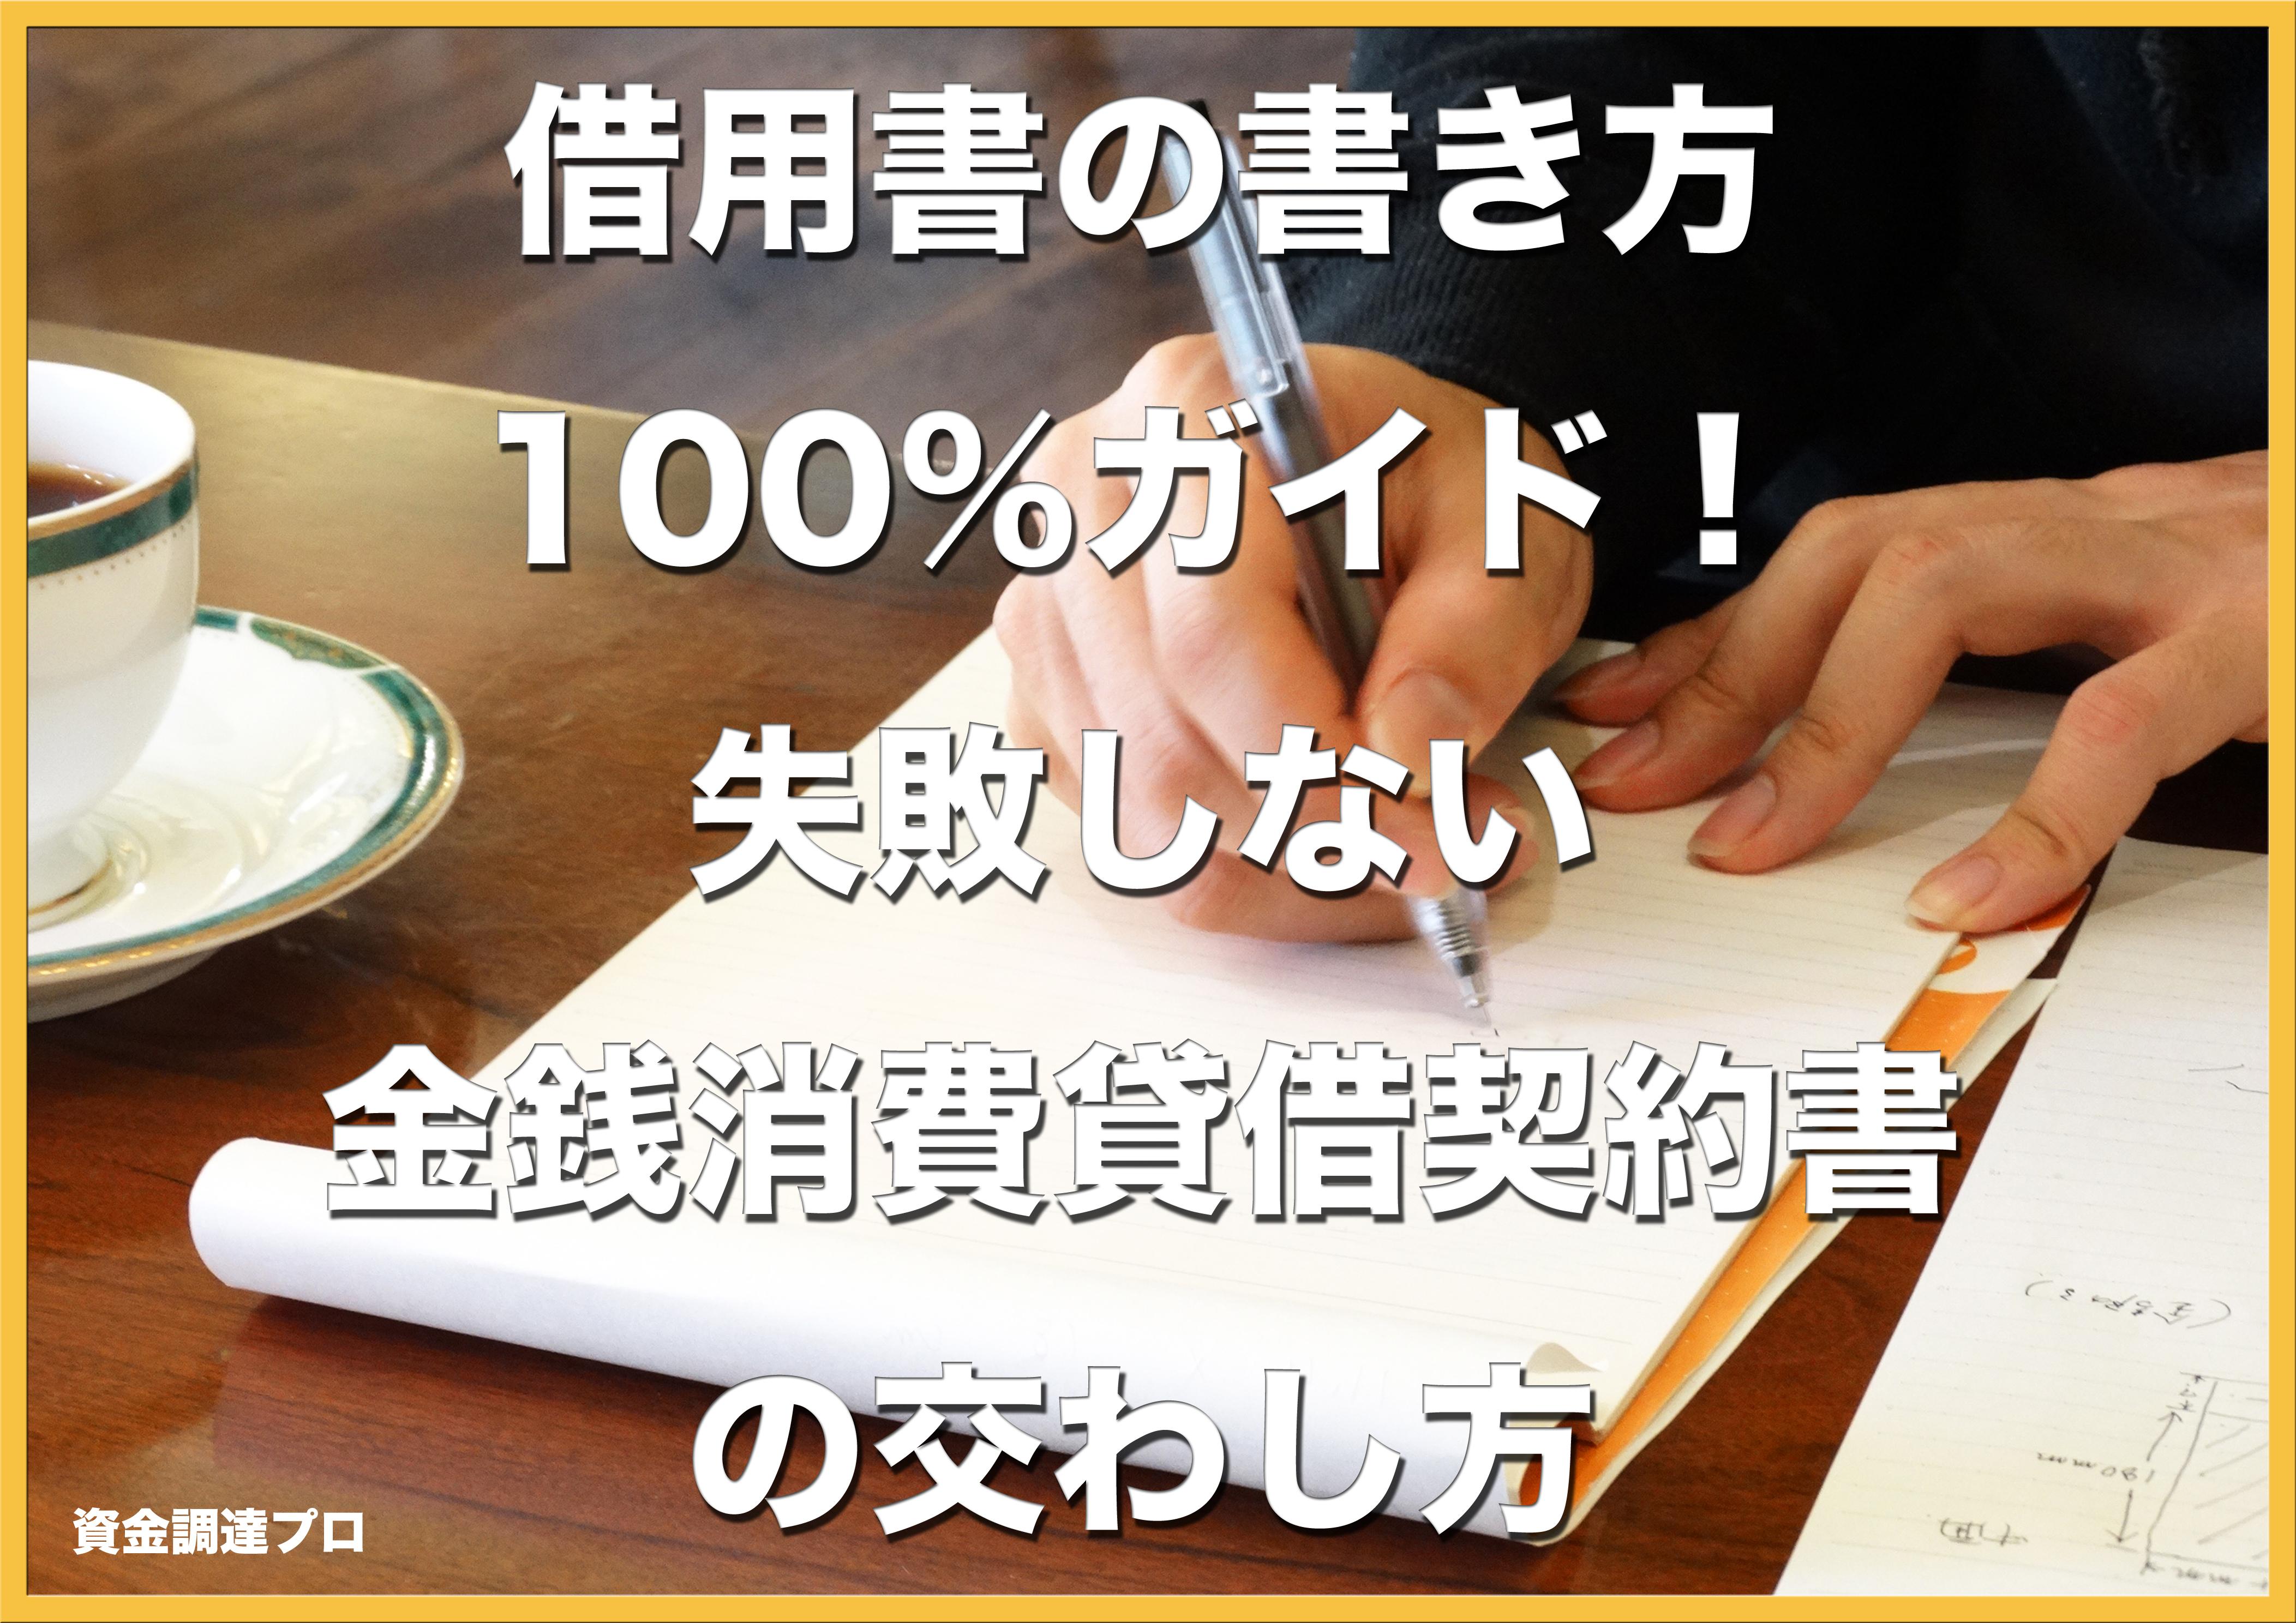 借用書の書き方, 借用書テンプレート